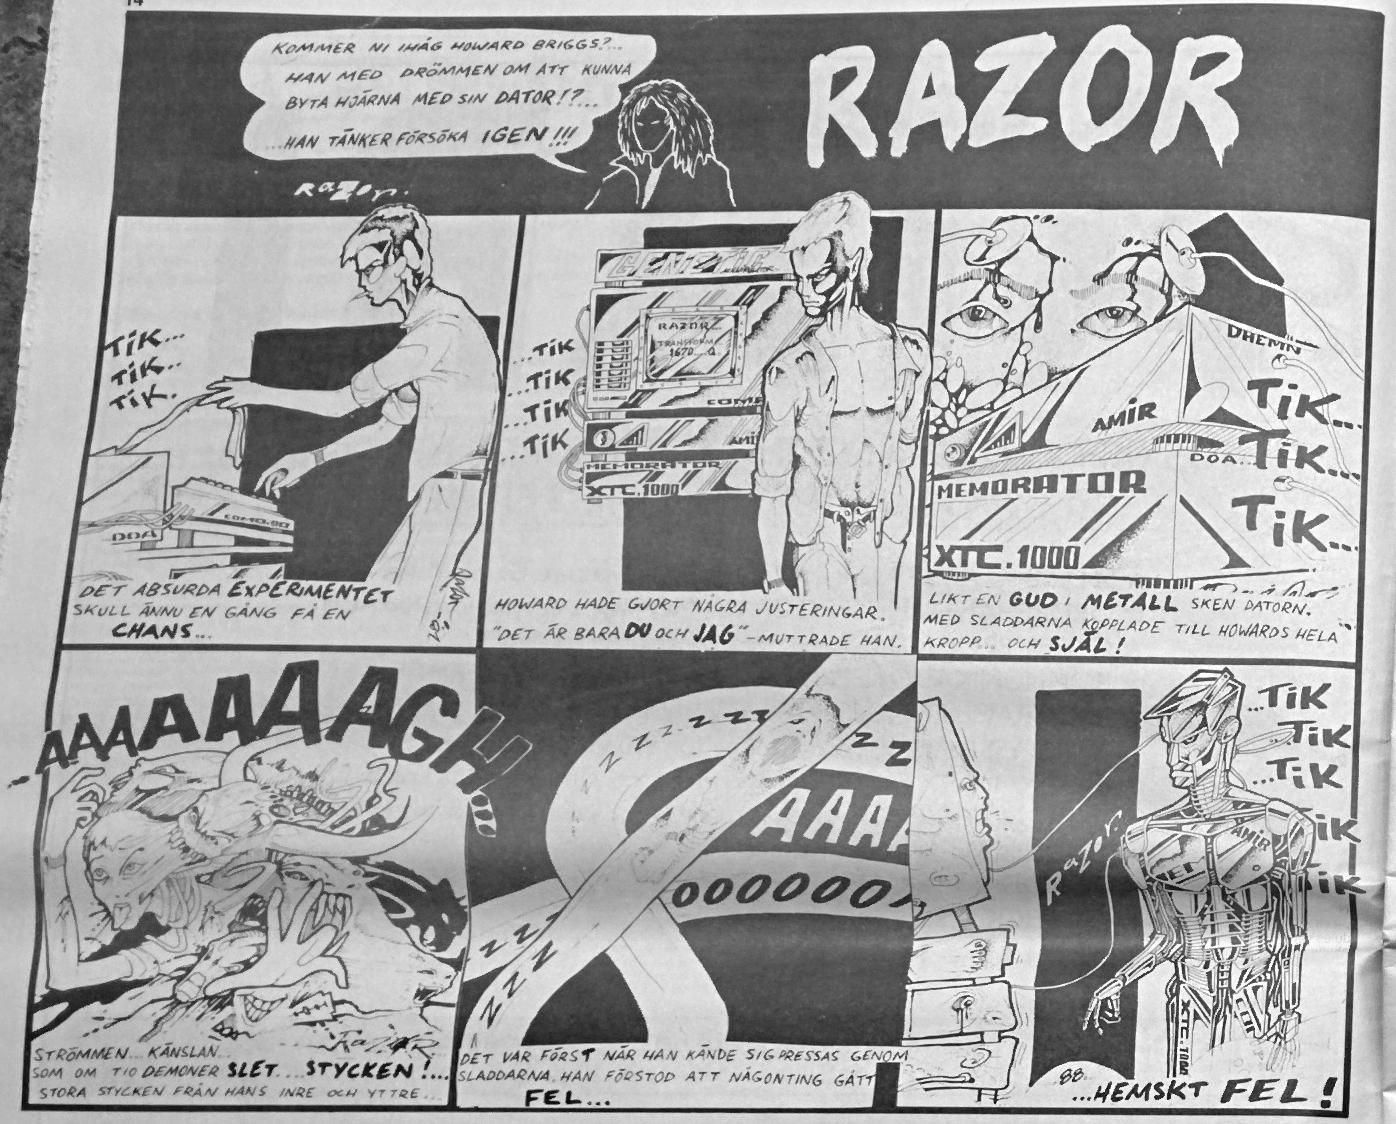 Razor_2